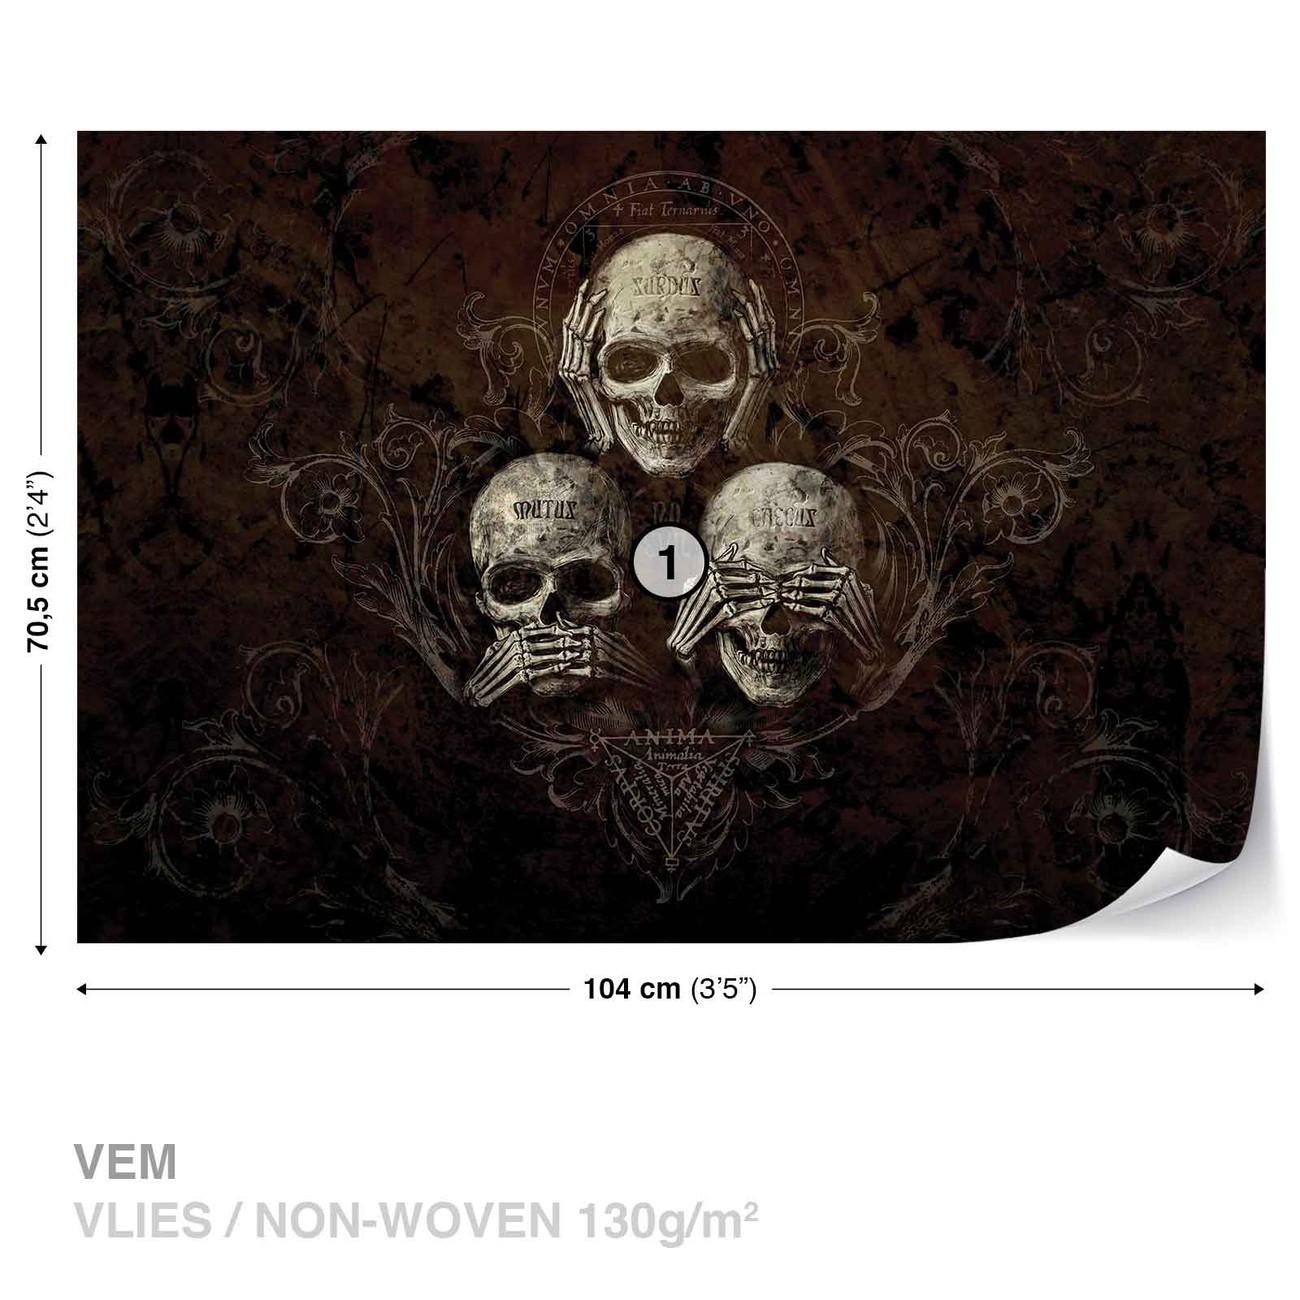 fototapete tapete nicht h ren sehen totenkopf alchemy bei europosters kostenloser versand. Black Bedroom Furniture Sets. Home Design Ideas